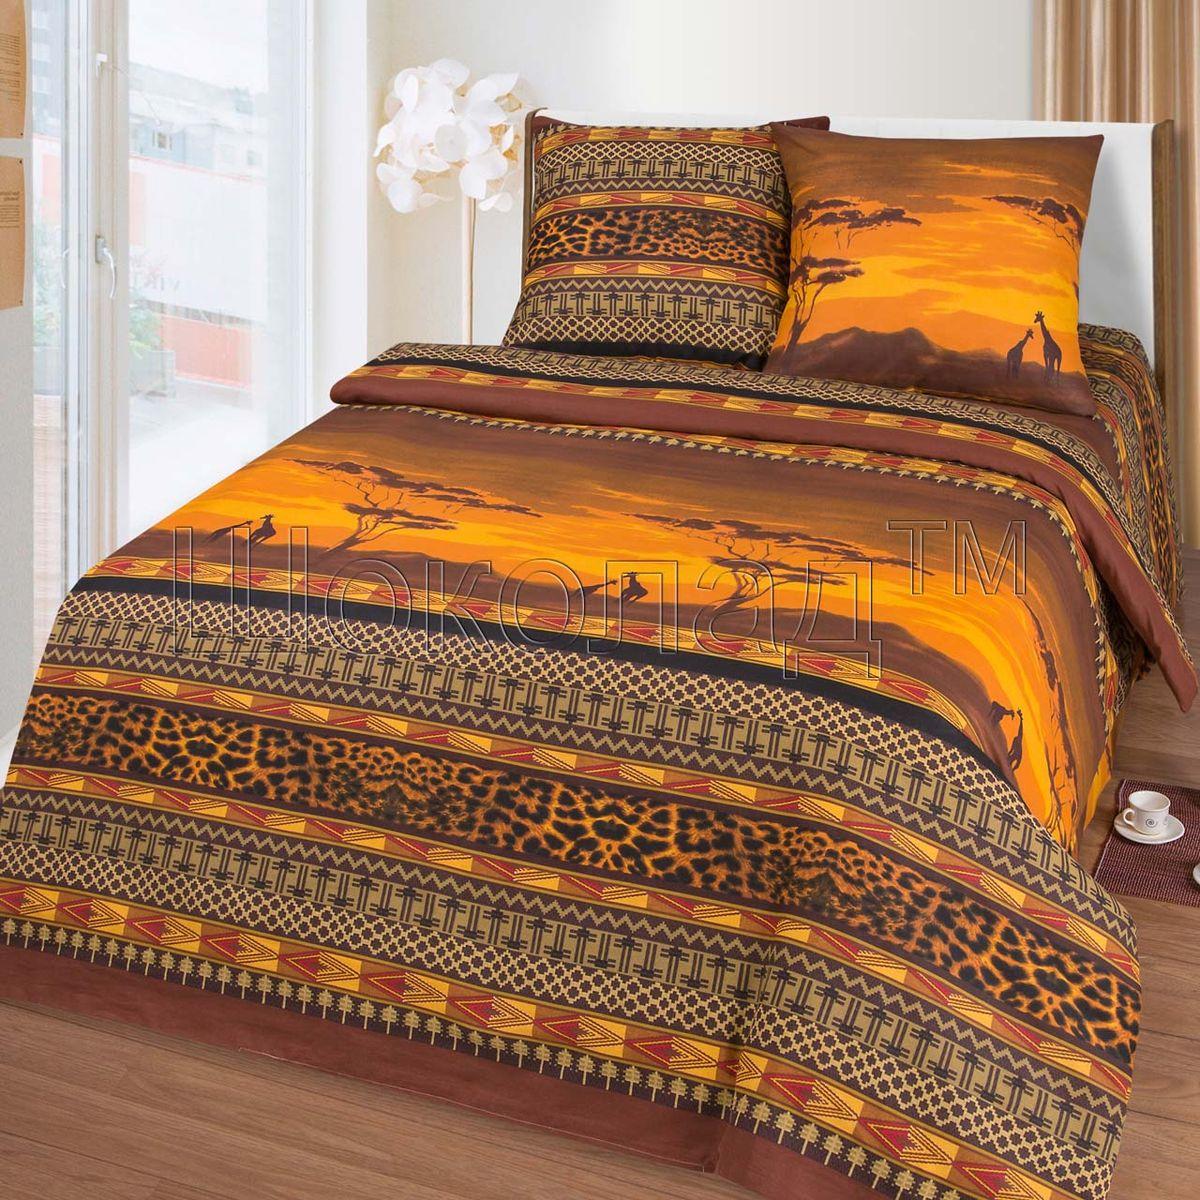 Комплект белья Шоколад Кения, семейный, наволочки 70x70. Б120Б120Комплект постельного белья Шоколад Кения является экологически безопасным для всей семьи, так как выполнен из натурального хлопка. Комплект состоит из двух пододеяльников, простыни и двух наволочек. Постельное белье оформлено оригинальным рисунком и имеет изысканный внешний вид.Бязь - это ткань полотняного переплетения, изготовленная из экологически чистого и натурального 100% хлопка. Она прочная, мягкая, обладает низкой сминаемостью, легко стирается и хорошо гладится. Бязь прекрасно пропускает воздух и за ней легко ухаживать. При соблюдении рекомендуемых условий стирки, сушки и глажения ткань имеет усадку по ГОСТу, сохранятся яркость текстильных рисунков. Приобретая комплект постельного белья Шоколад  Кения вы можете быть уверены в том, что покупка доставит вам и вашим близким удовольствие и подарит максимальный комфорт.